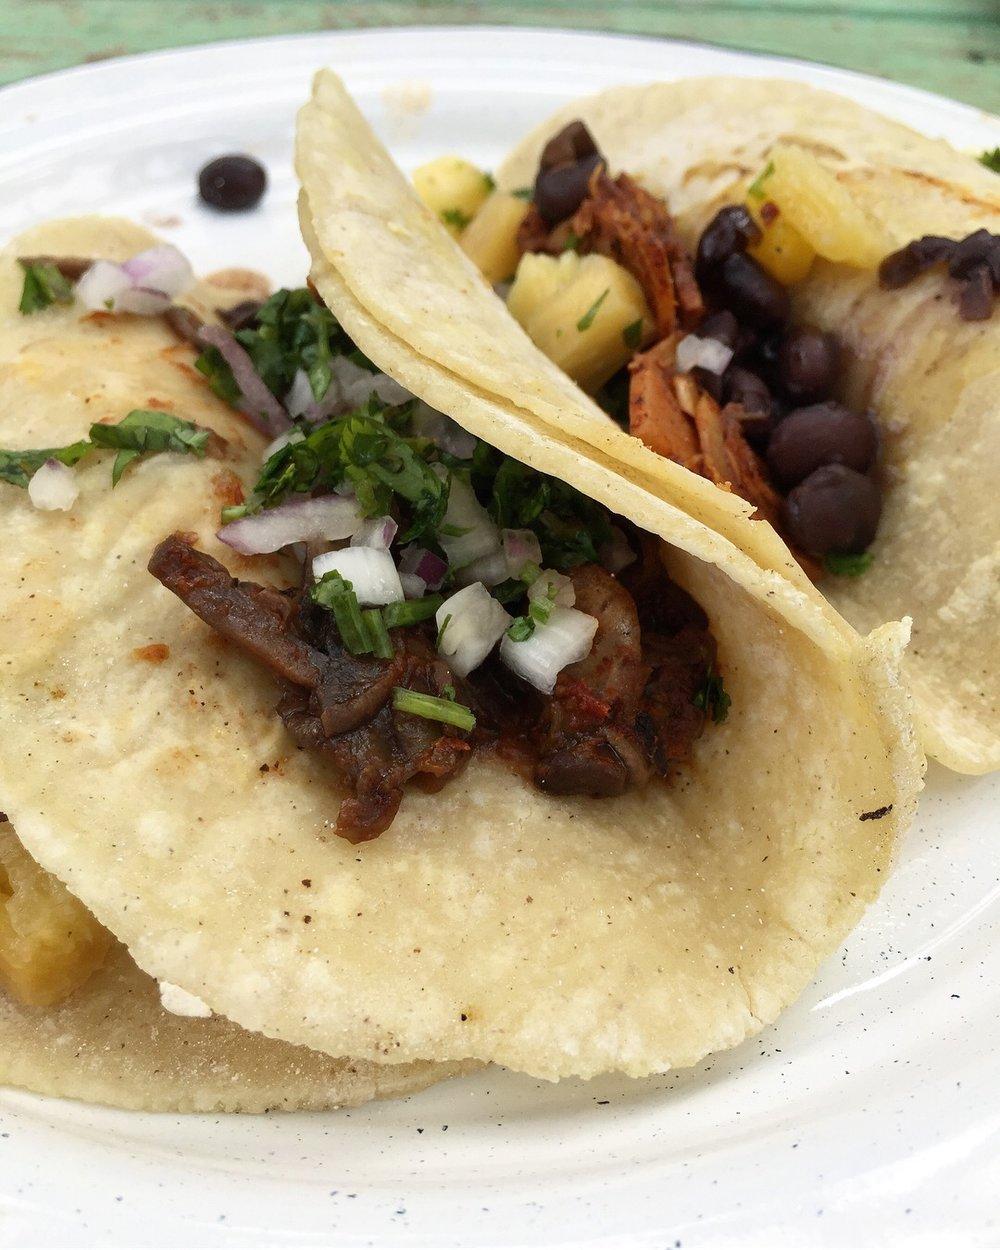 Tacos at Veganda.